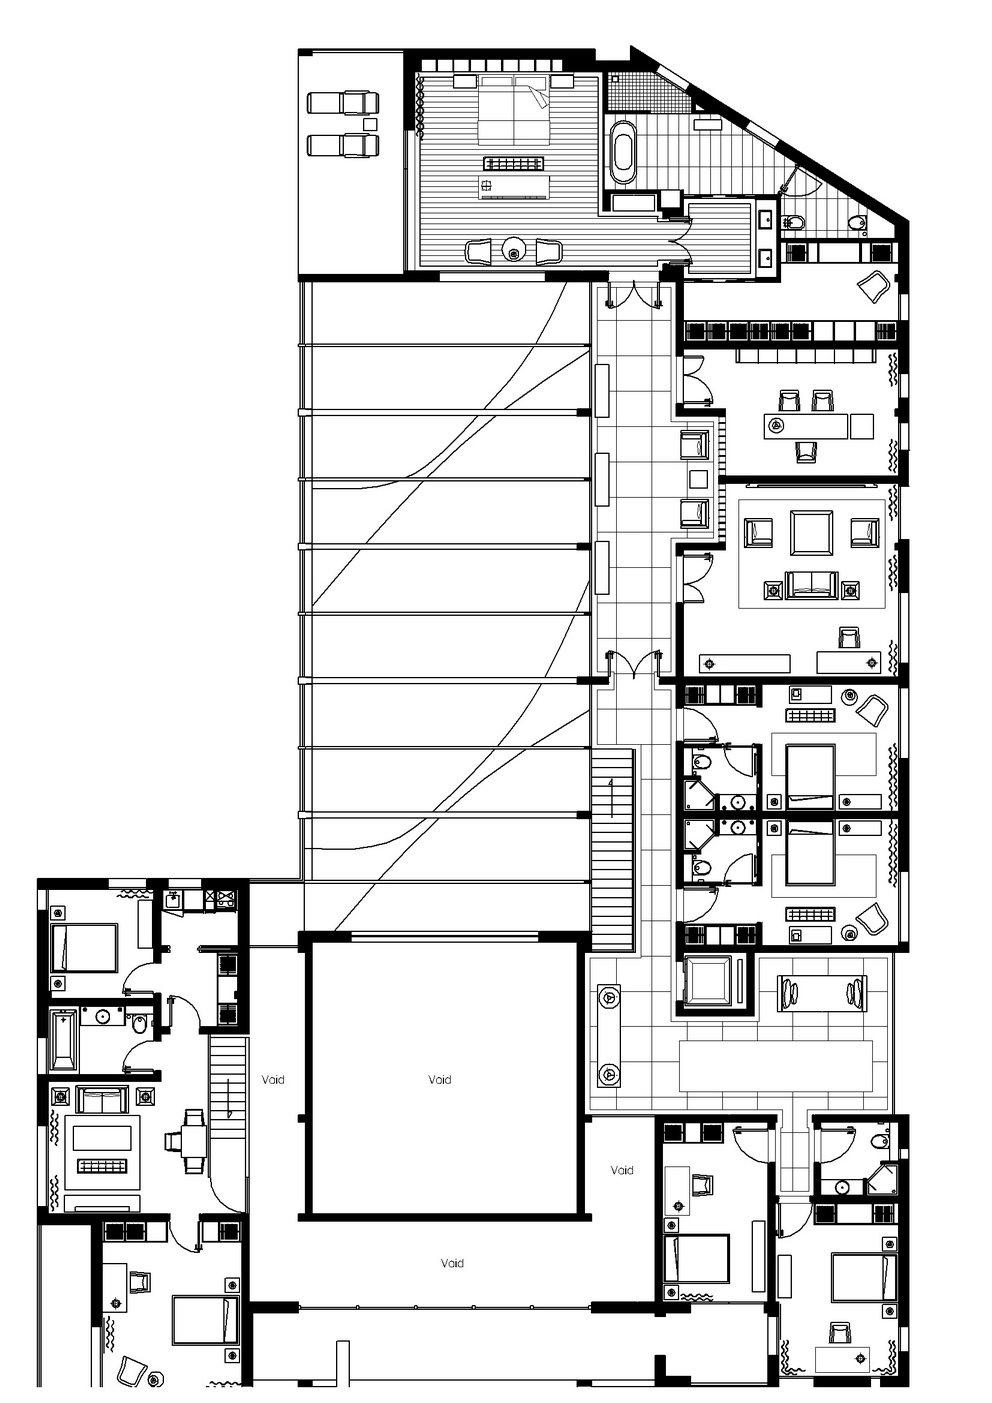 法国托马斯的别墅设计方案【偶得之】_H--Thomas image_NOV_06-LI-APS-PS-REV003.jpg